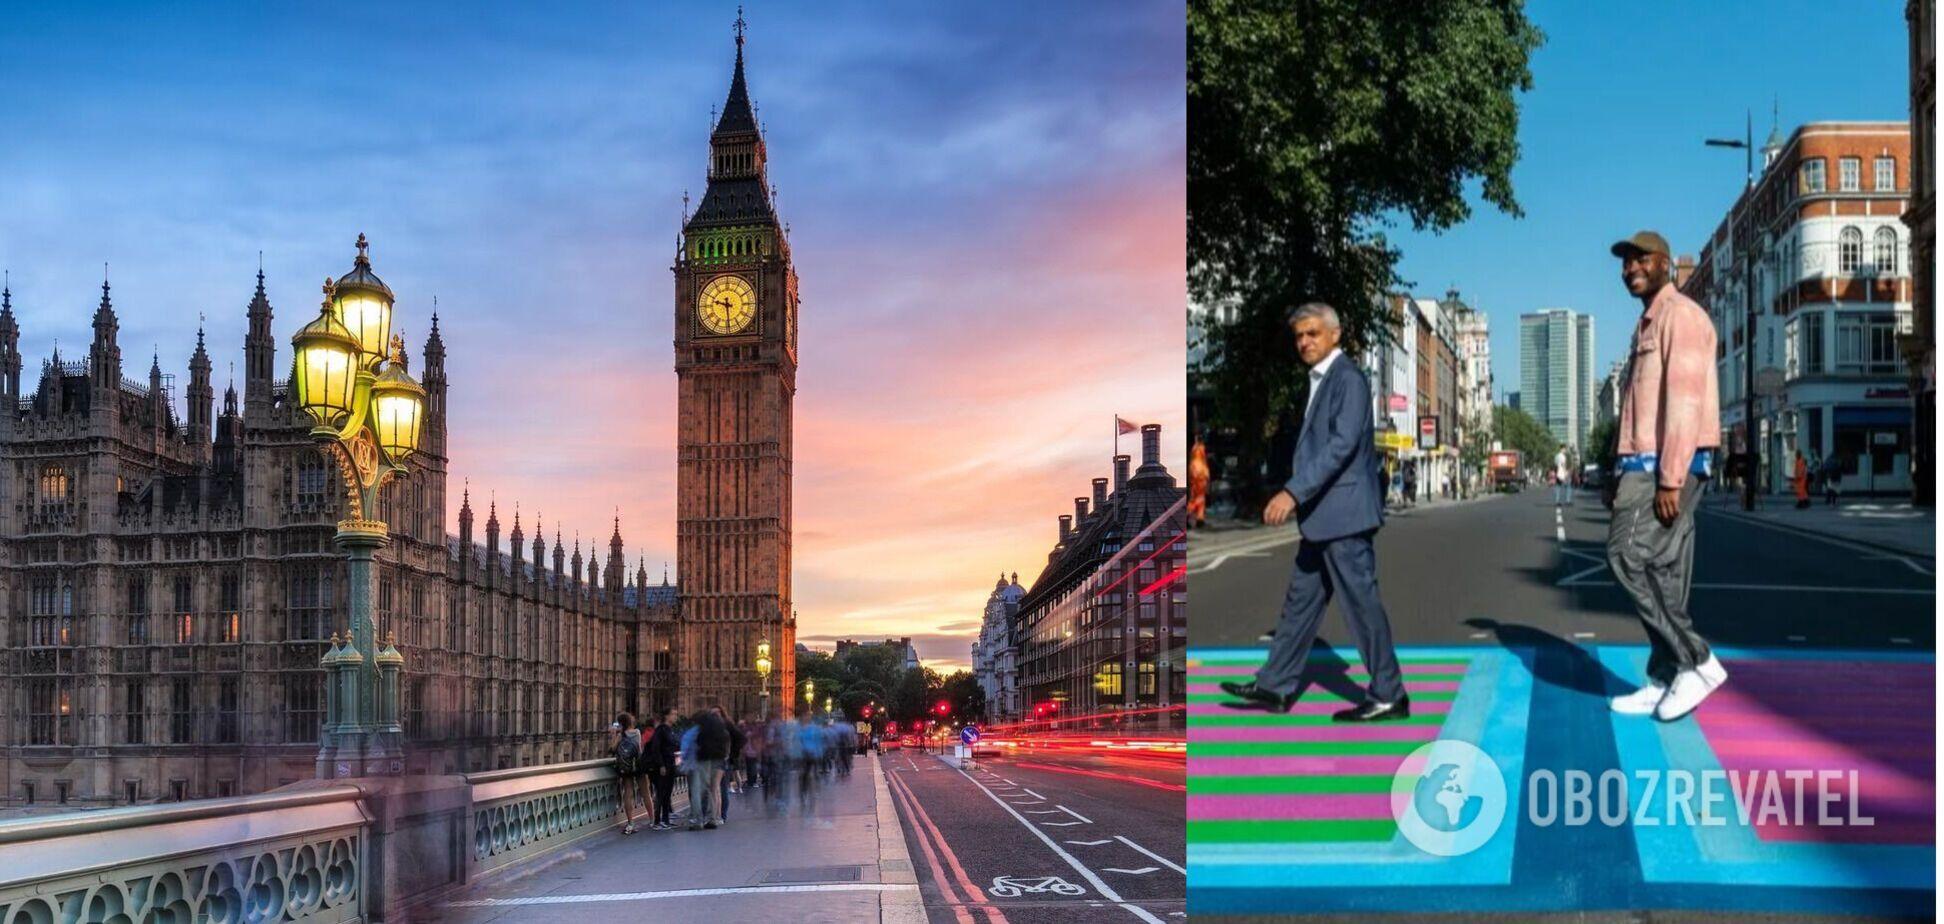 У Лондоні дизайнер розфарбував вулиці: як тепер виглядає місто. Фото